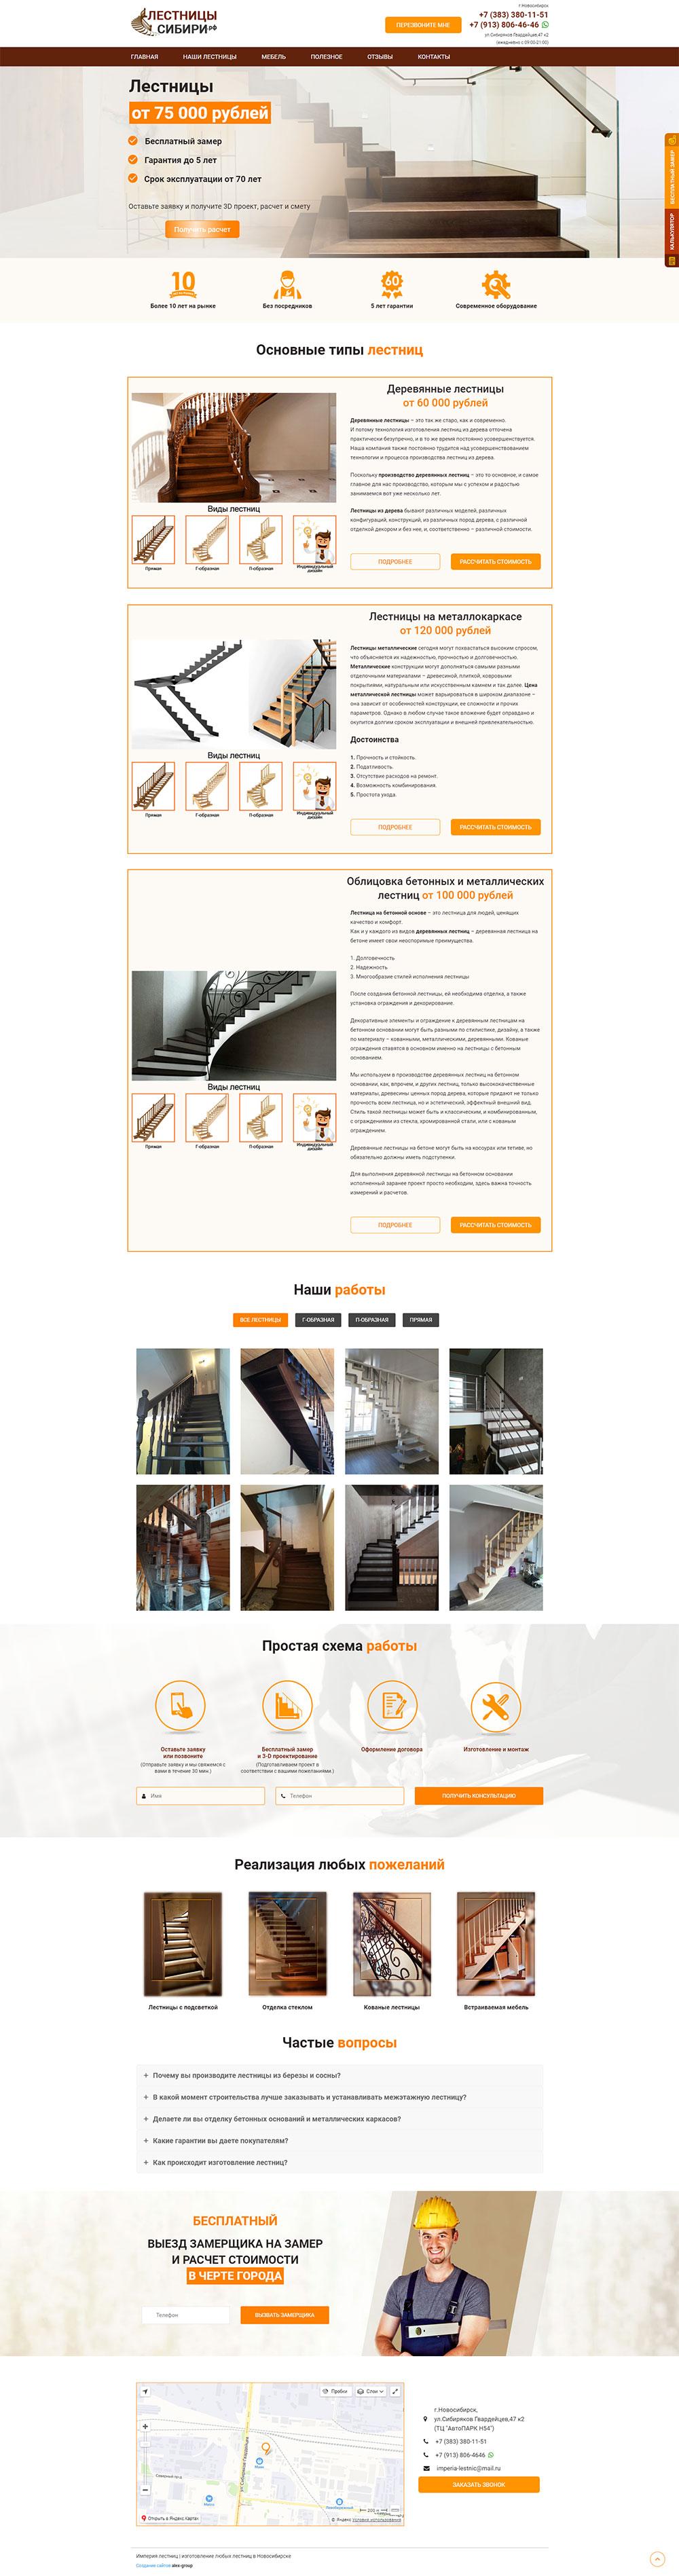 Разработка сайта лестниц